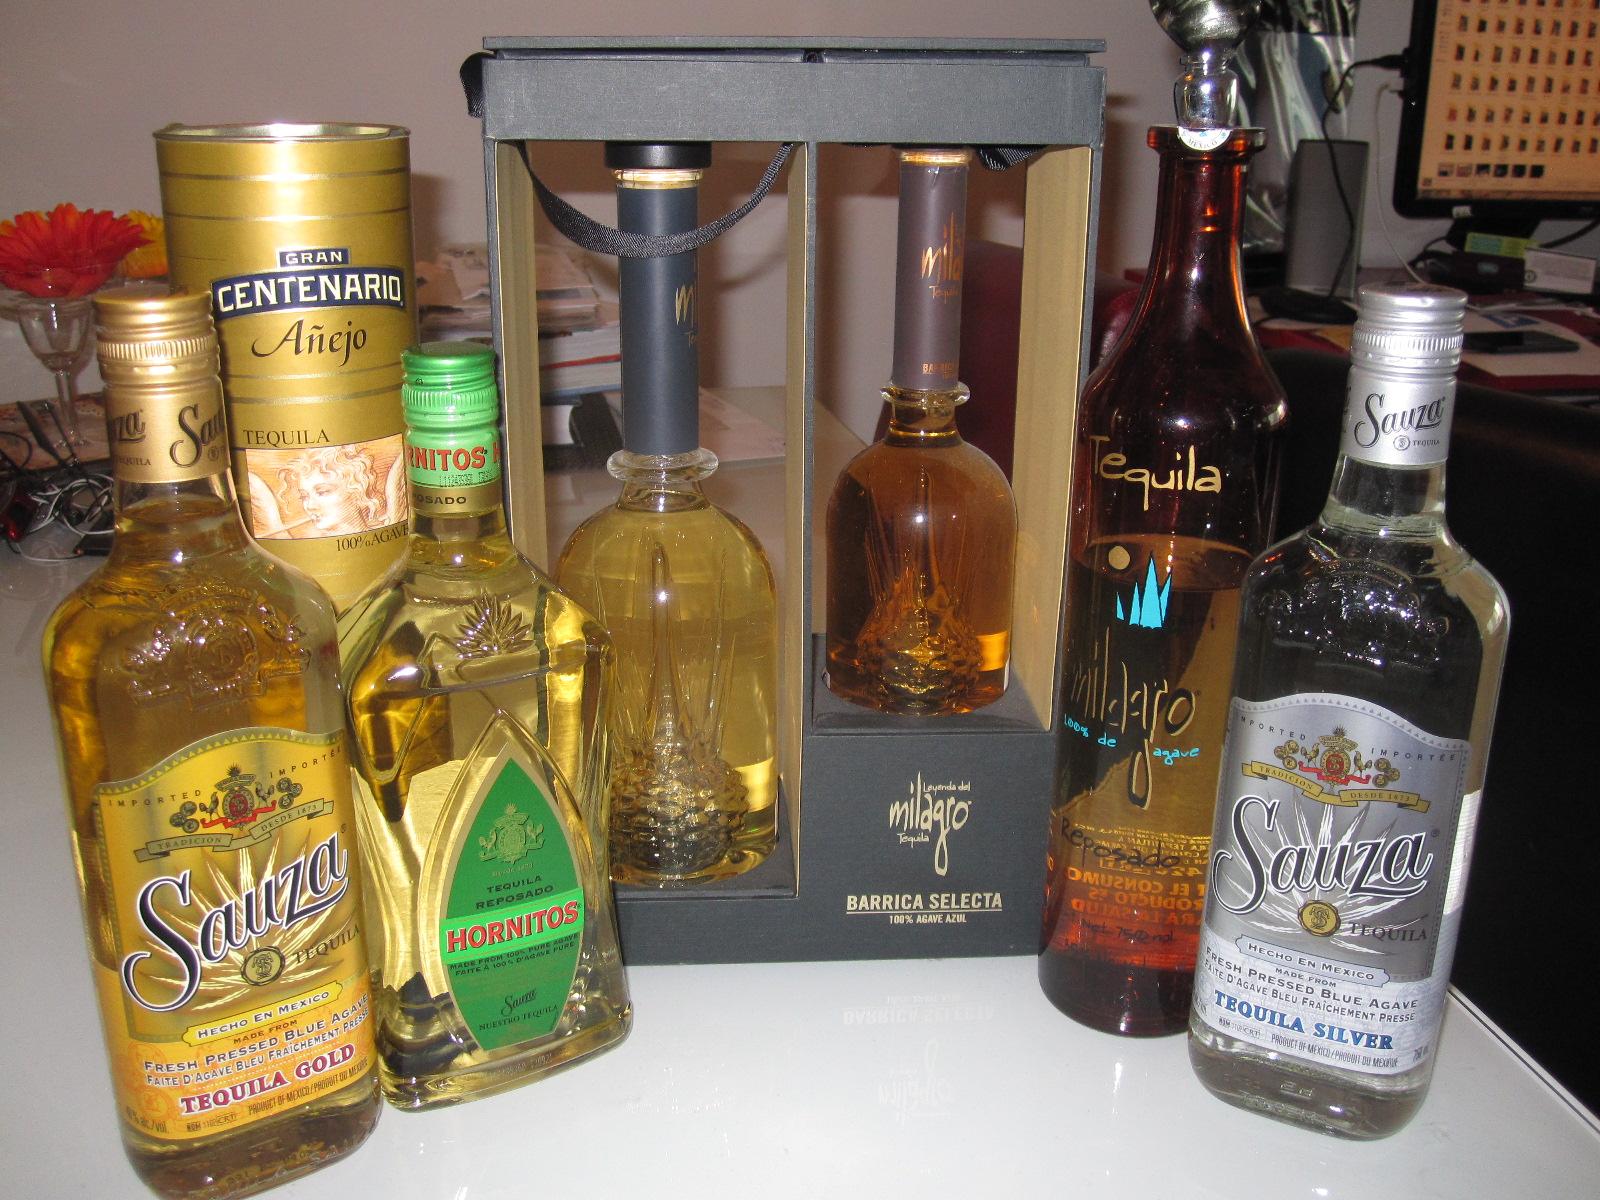 4a245b1e242e0e Sauza Hornitos  High-end Tequila Taste